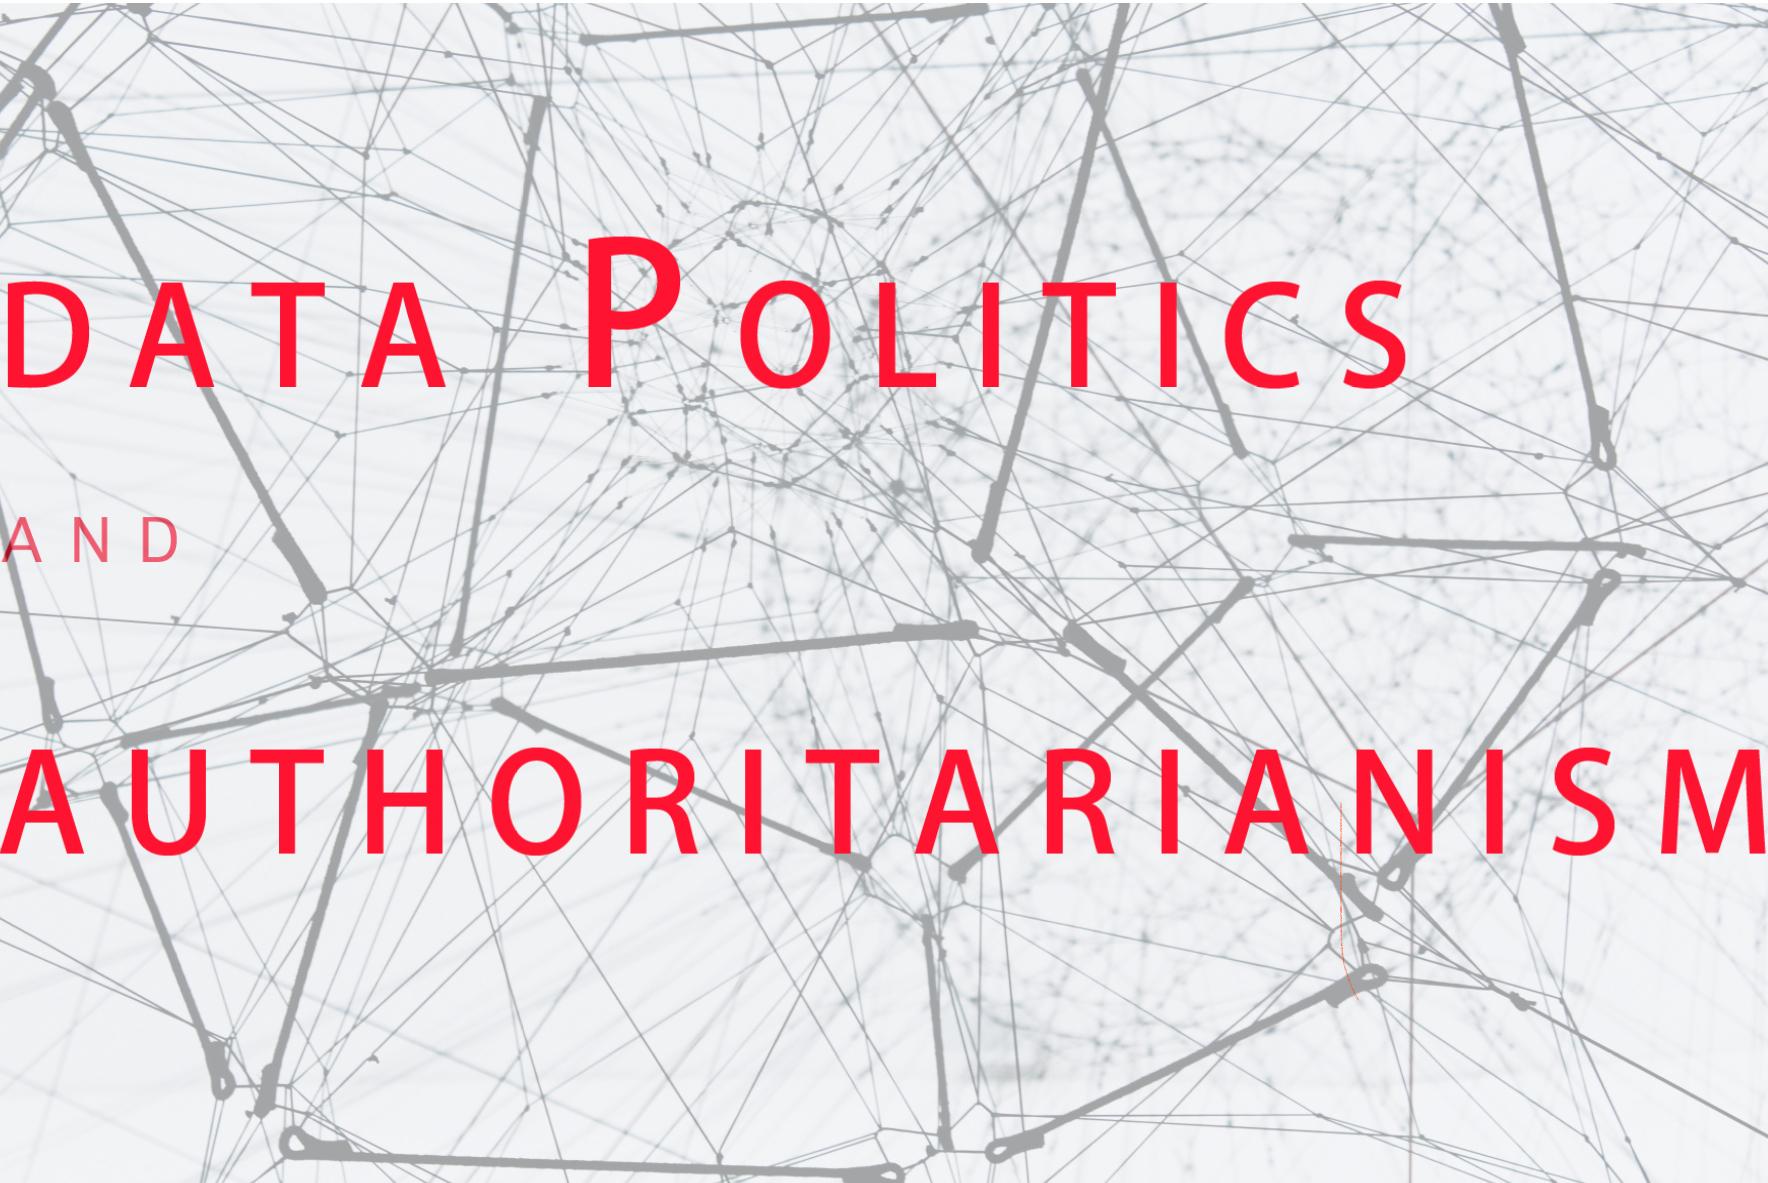 Data Politics and Authoritarianism